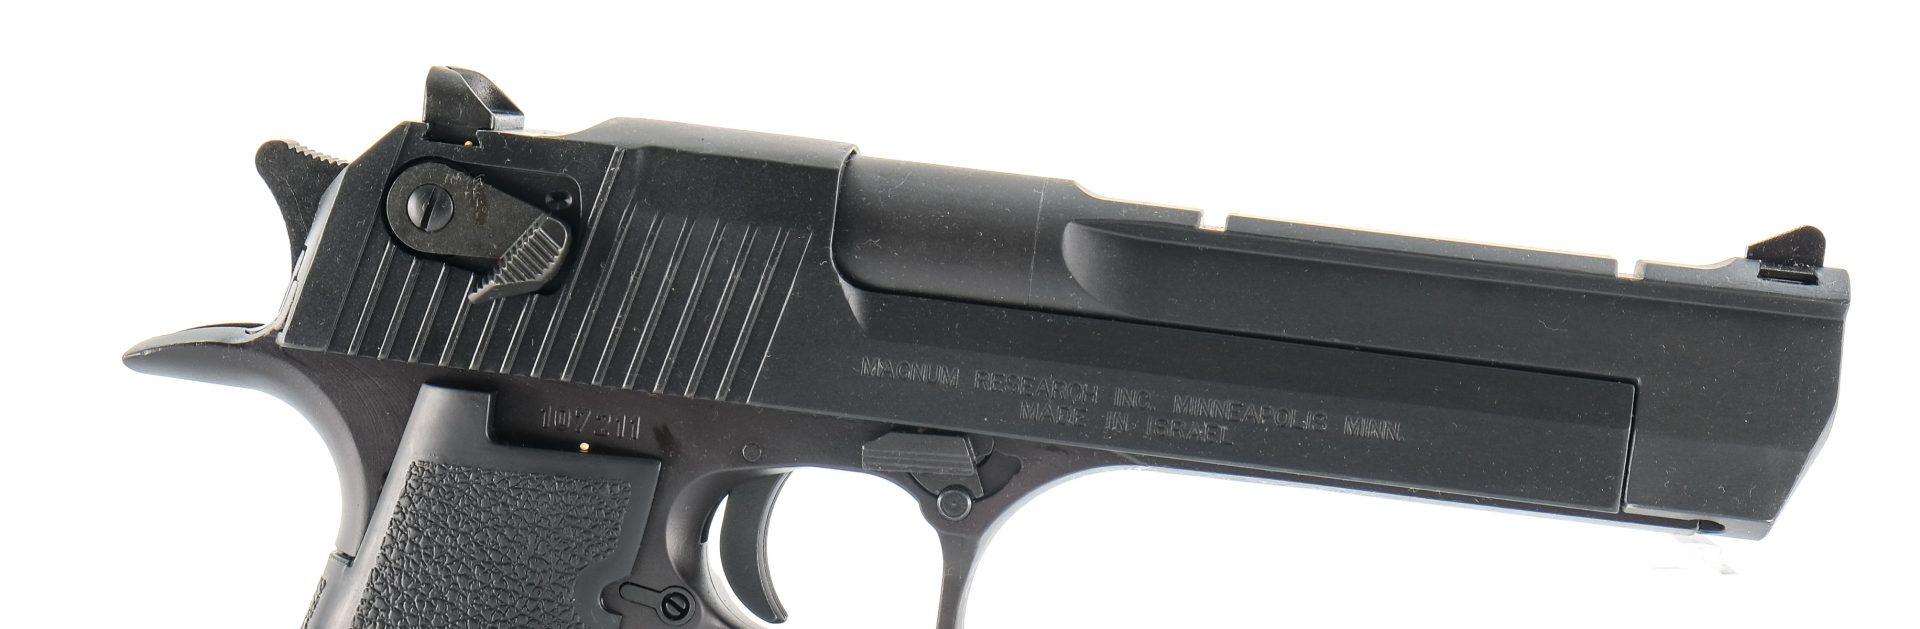 IMI Desert Eagle .50AE Pistol